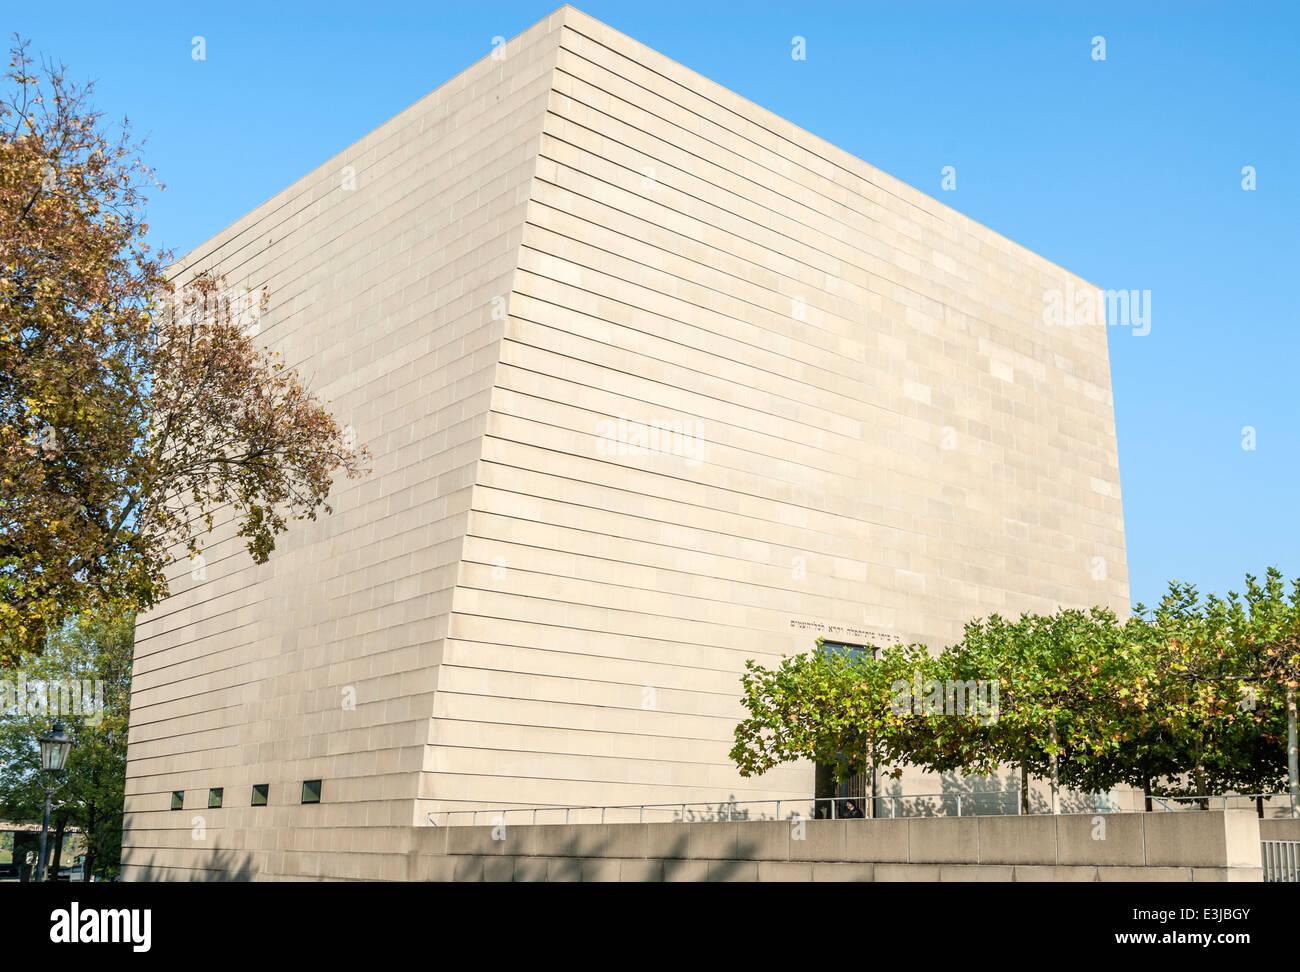 Neue Synagoge in Dresden, Sachsen, Deutschland.   Neue Synagoge von Dresden, Sachsen, Deutschland. Stockbild